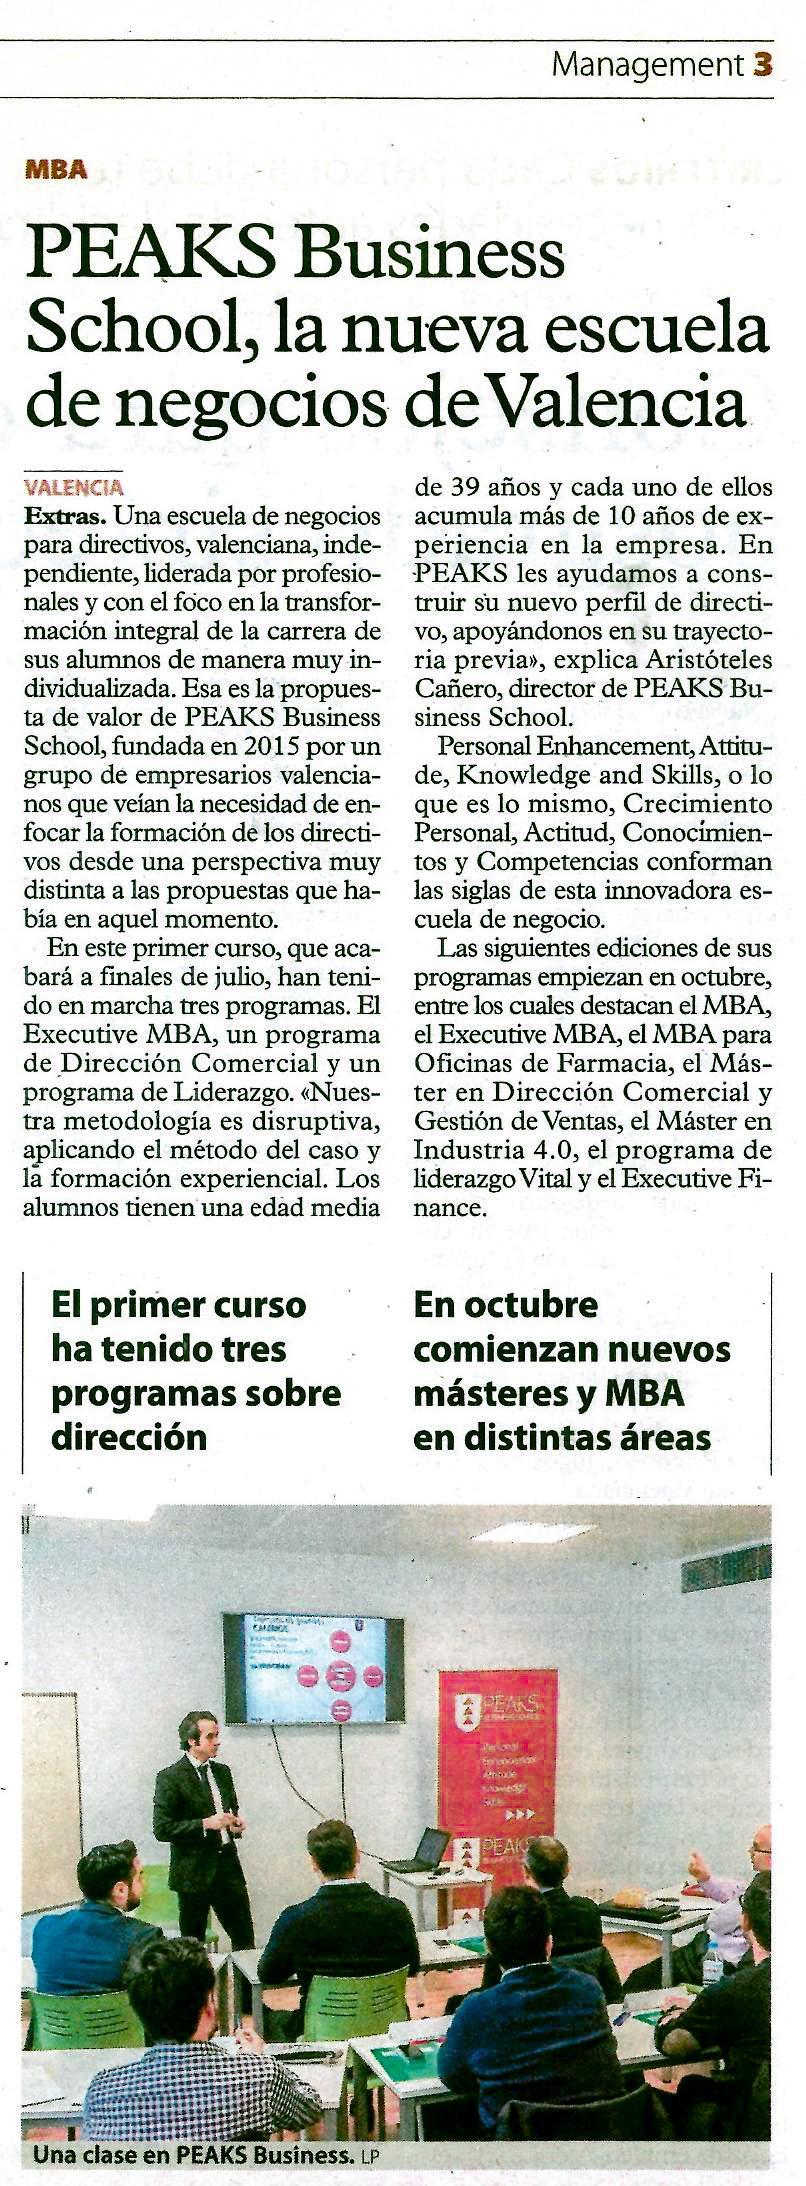 La Escuela de Negocios de Valencia